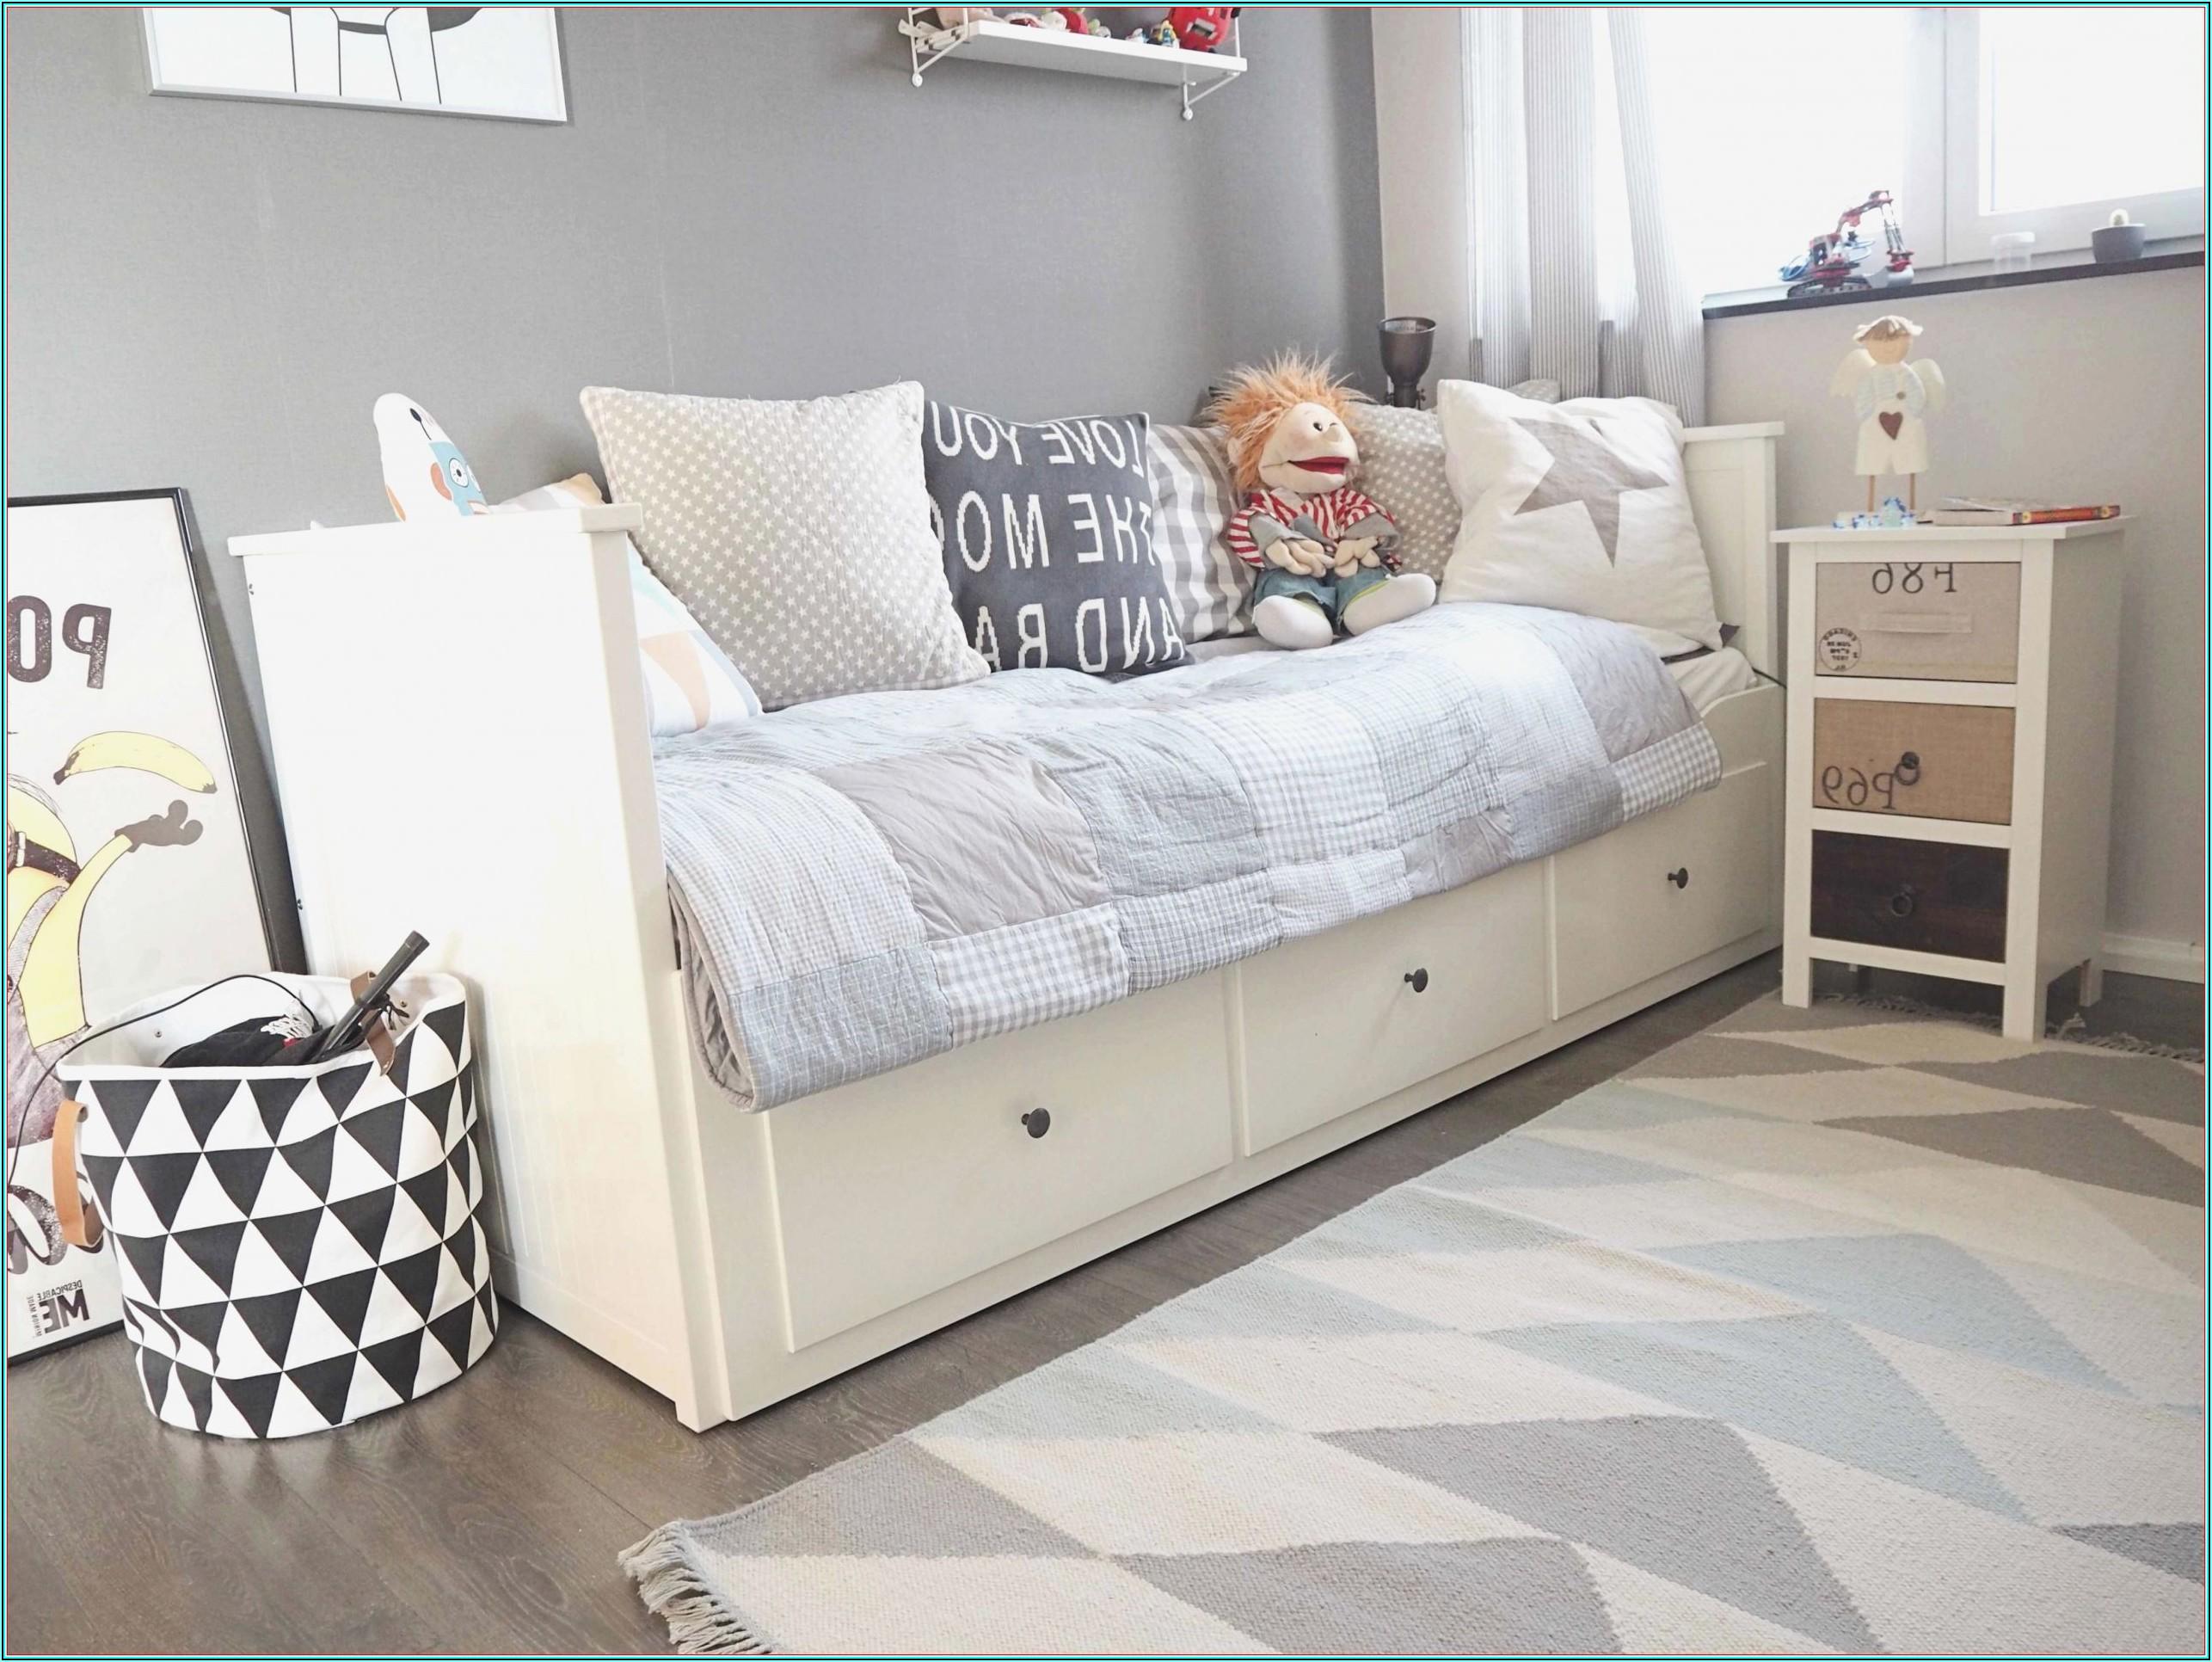 Kinderzimmer 10 Qm Ausreichend